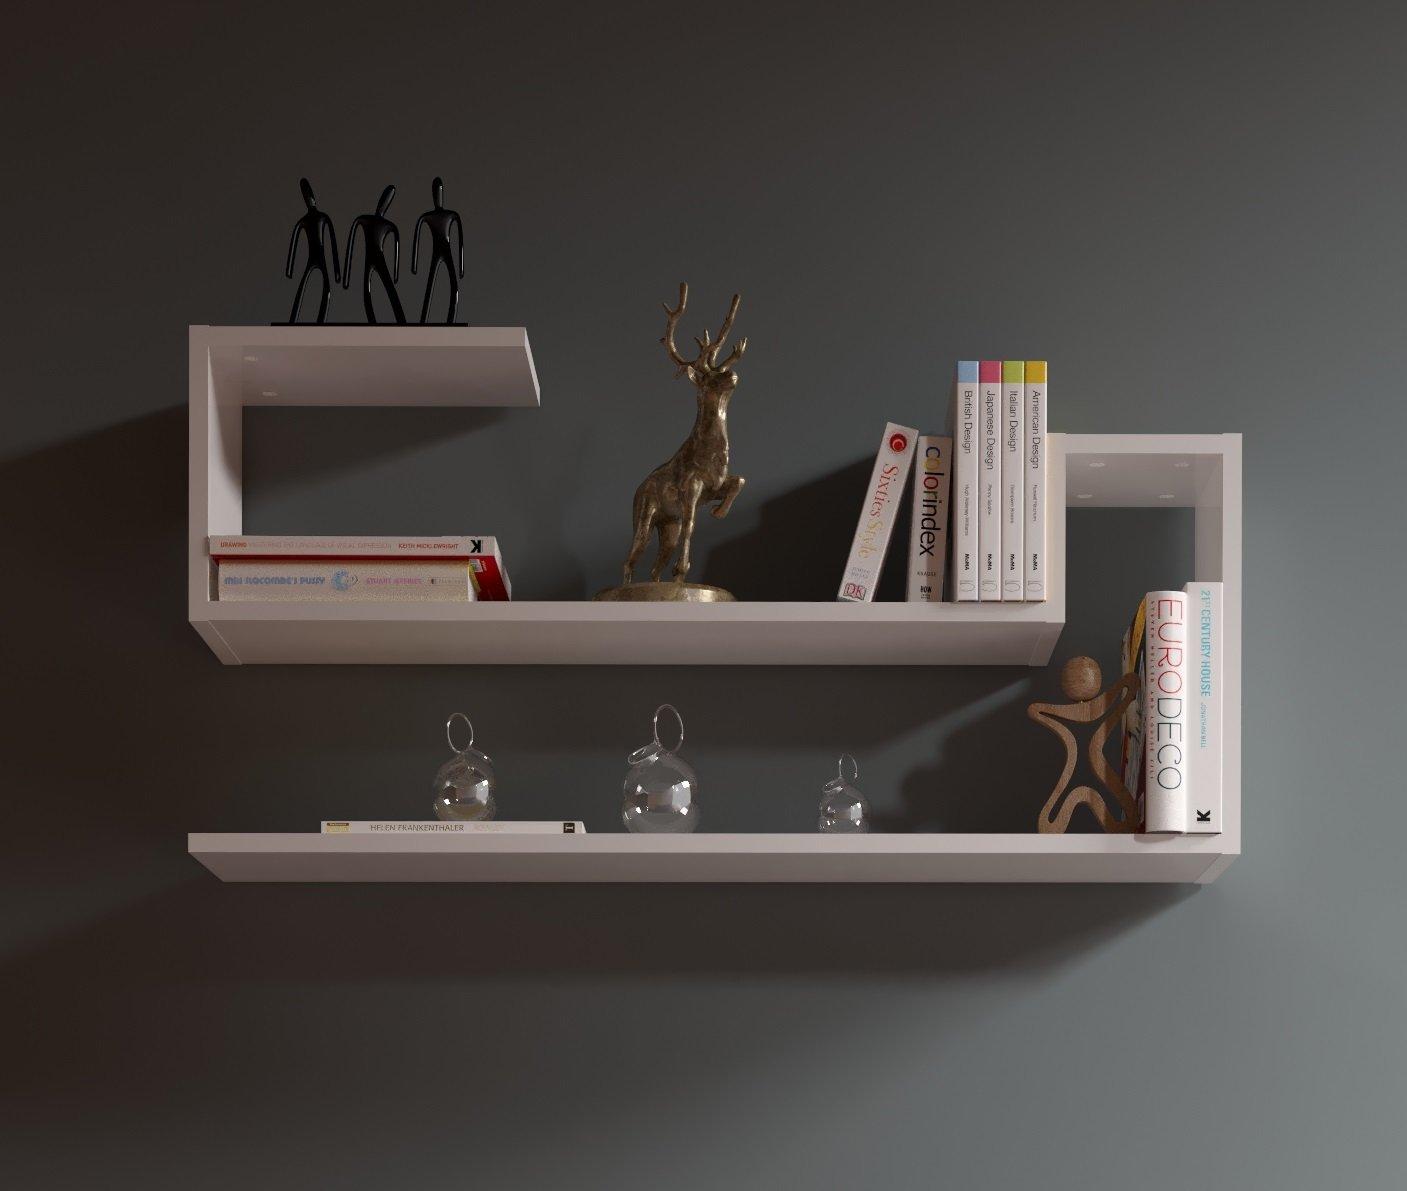 Amato AIRY Mensola da muro - Bianco - Mensola Parete - Mensola Libreria  LF17